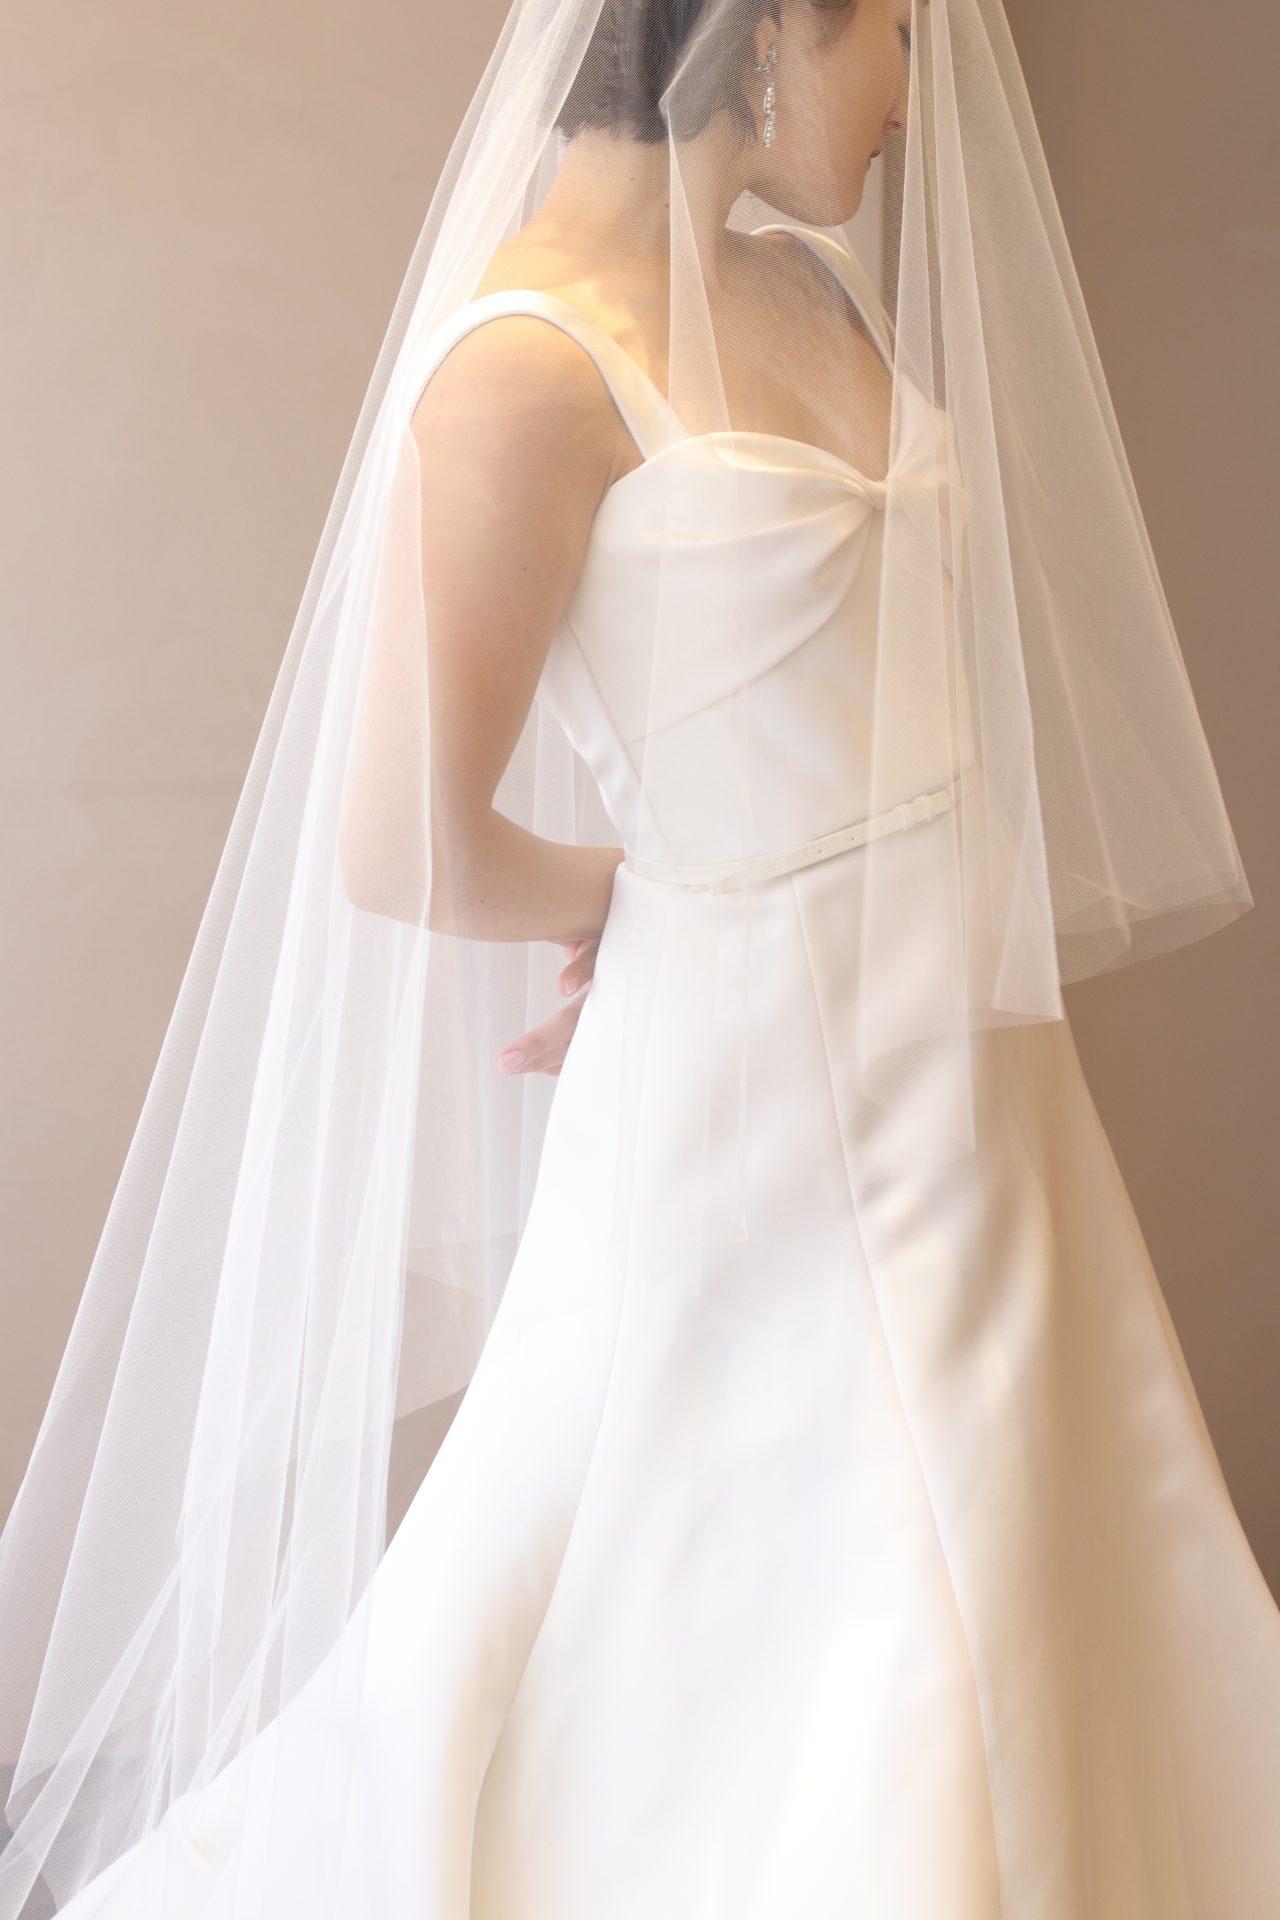 ザ・トリート・ドレッシングの提携会場、パレスホテル東京など格式高いホテルウェディングで圧倒的な存在感を放つのは、春の暖かい日差しでシルクの光沢感が増す洗練された上品で美しいインポートドレスです